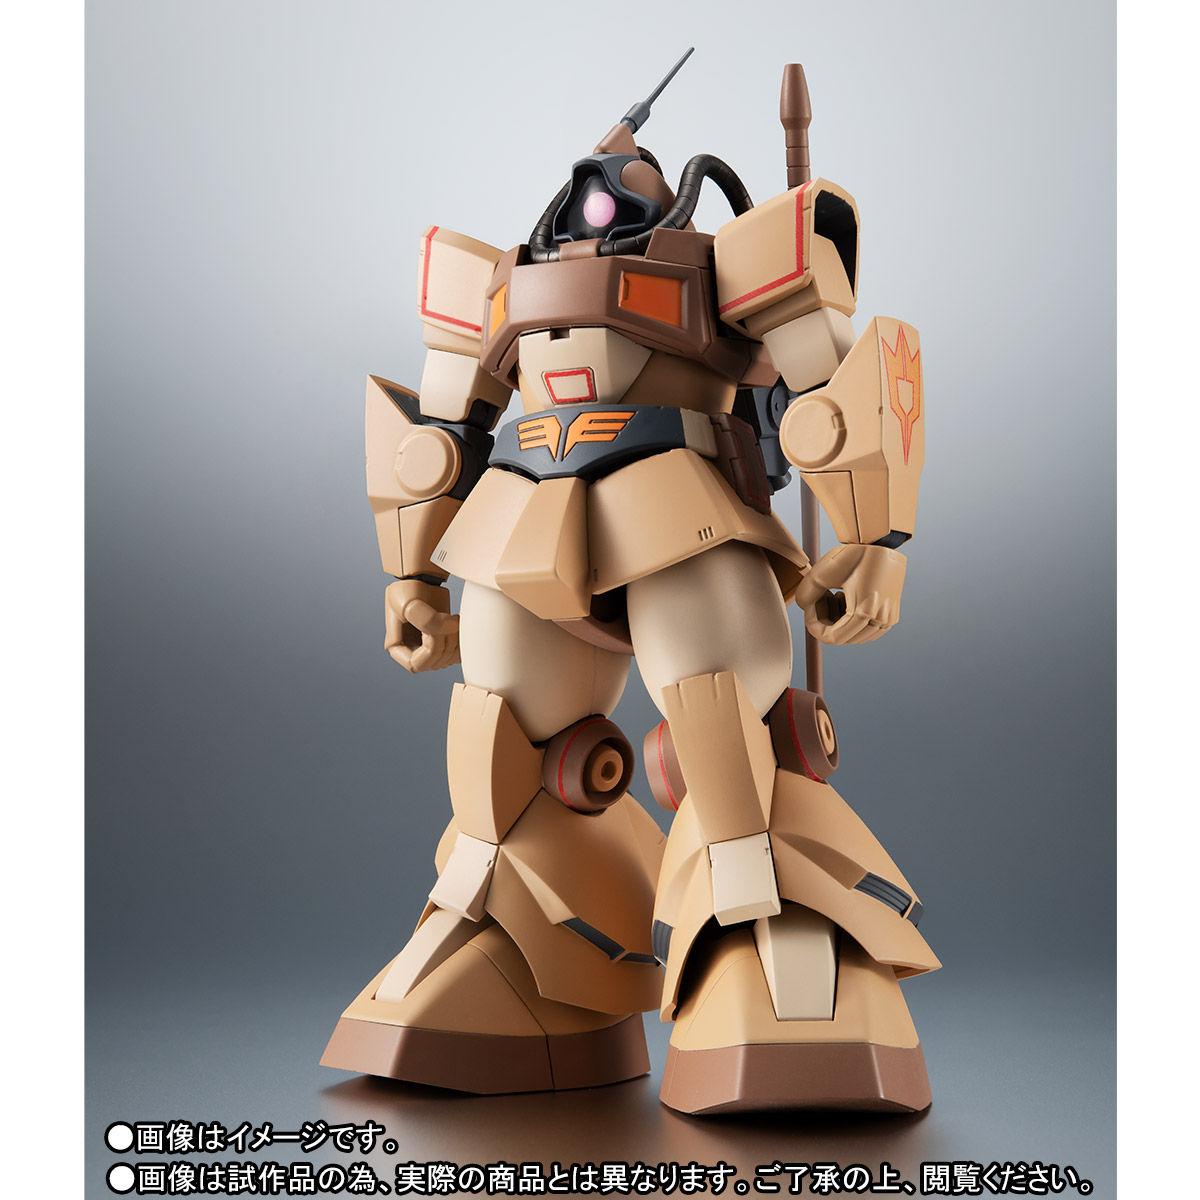 ROBOT魂〈SIDE MS〉『YMS-09D ドム・トロピカルテストタイプ ver. A.N.I.M.E.』ガンダムMSV 可動フィギュア-002